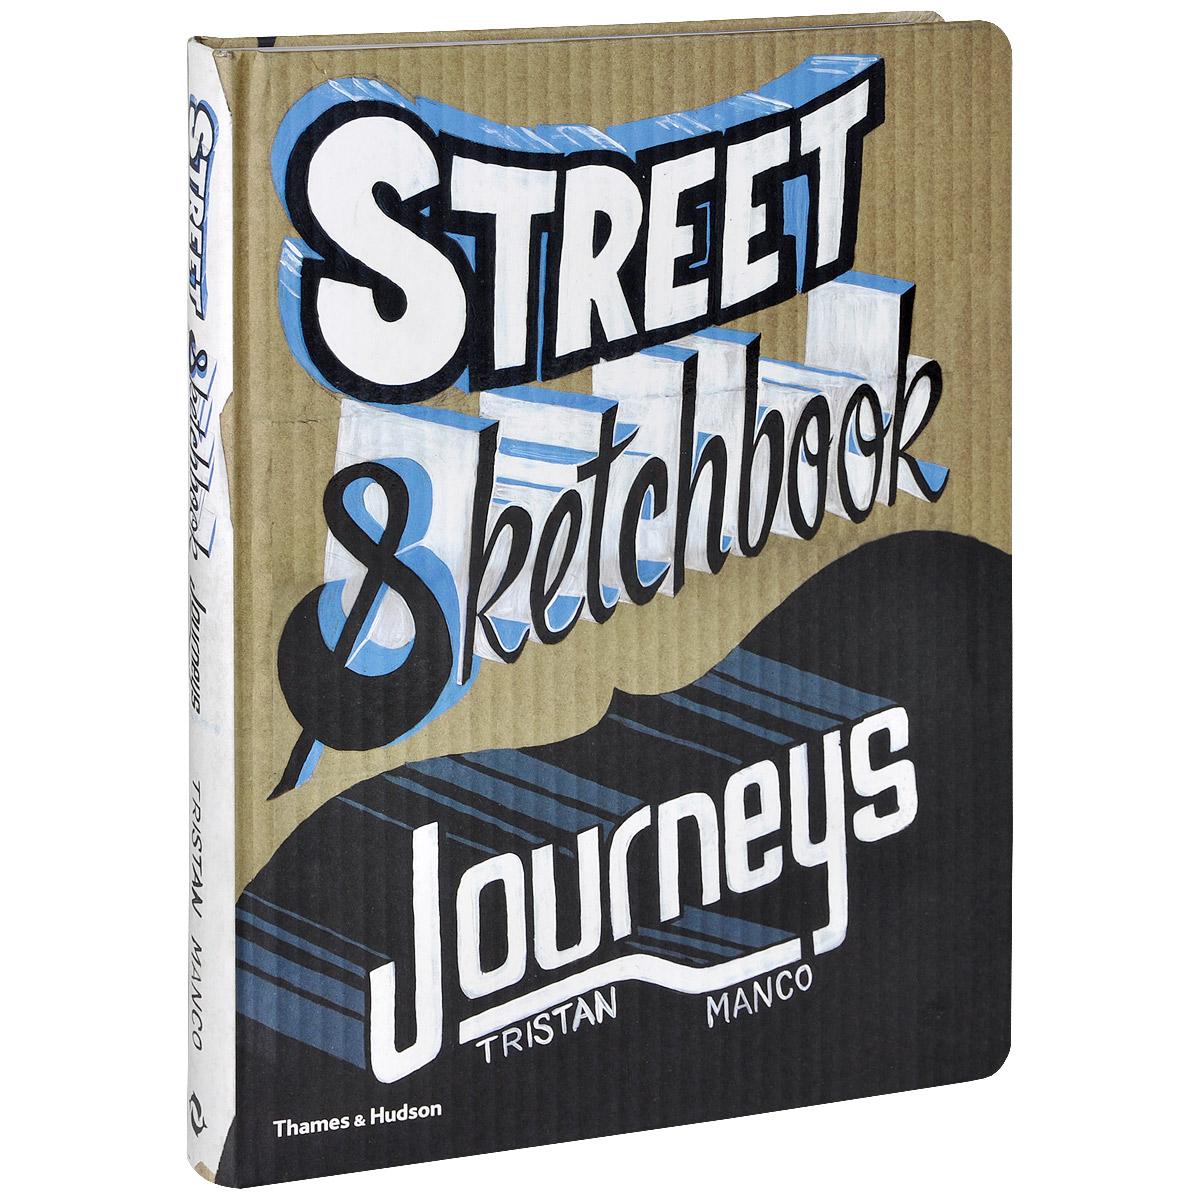 Street Sketchbook: Journeys journeys of heterosexual evangelical christians from antigay to progay